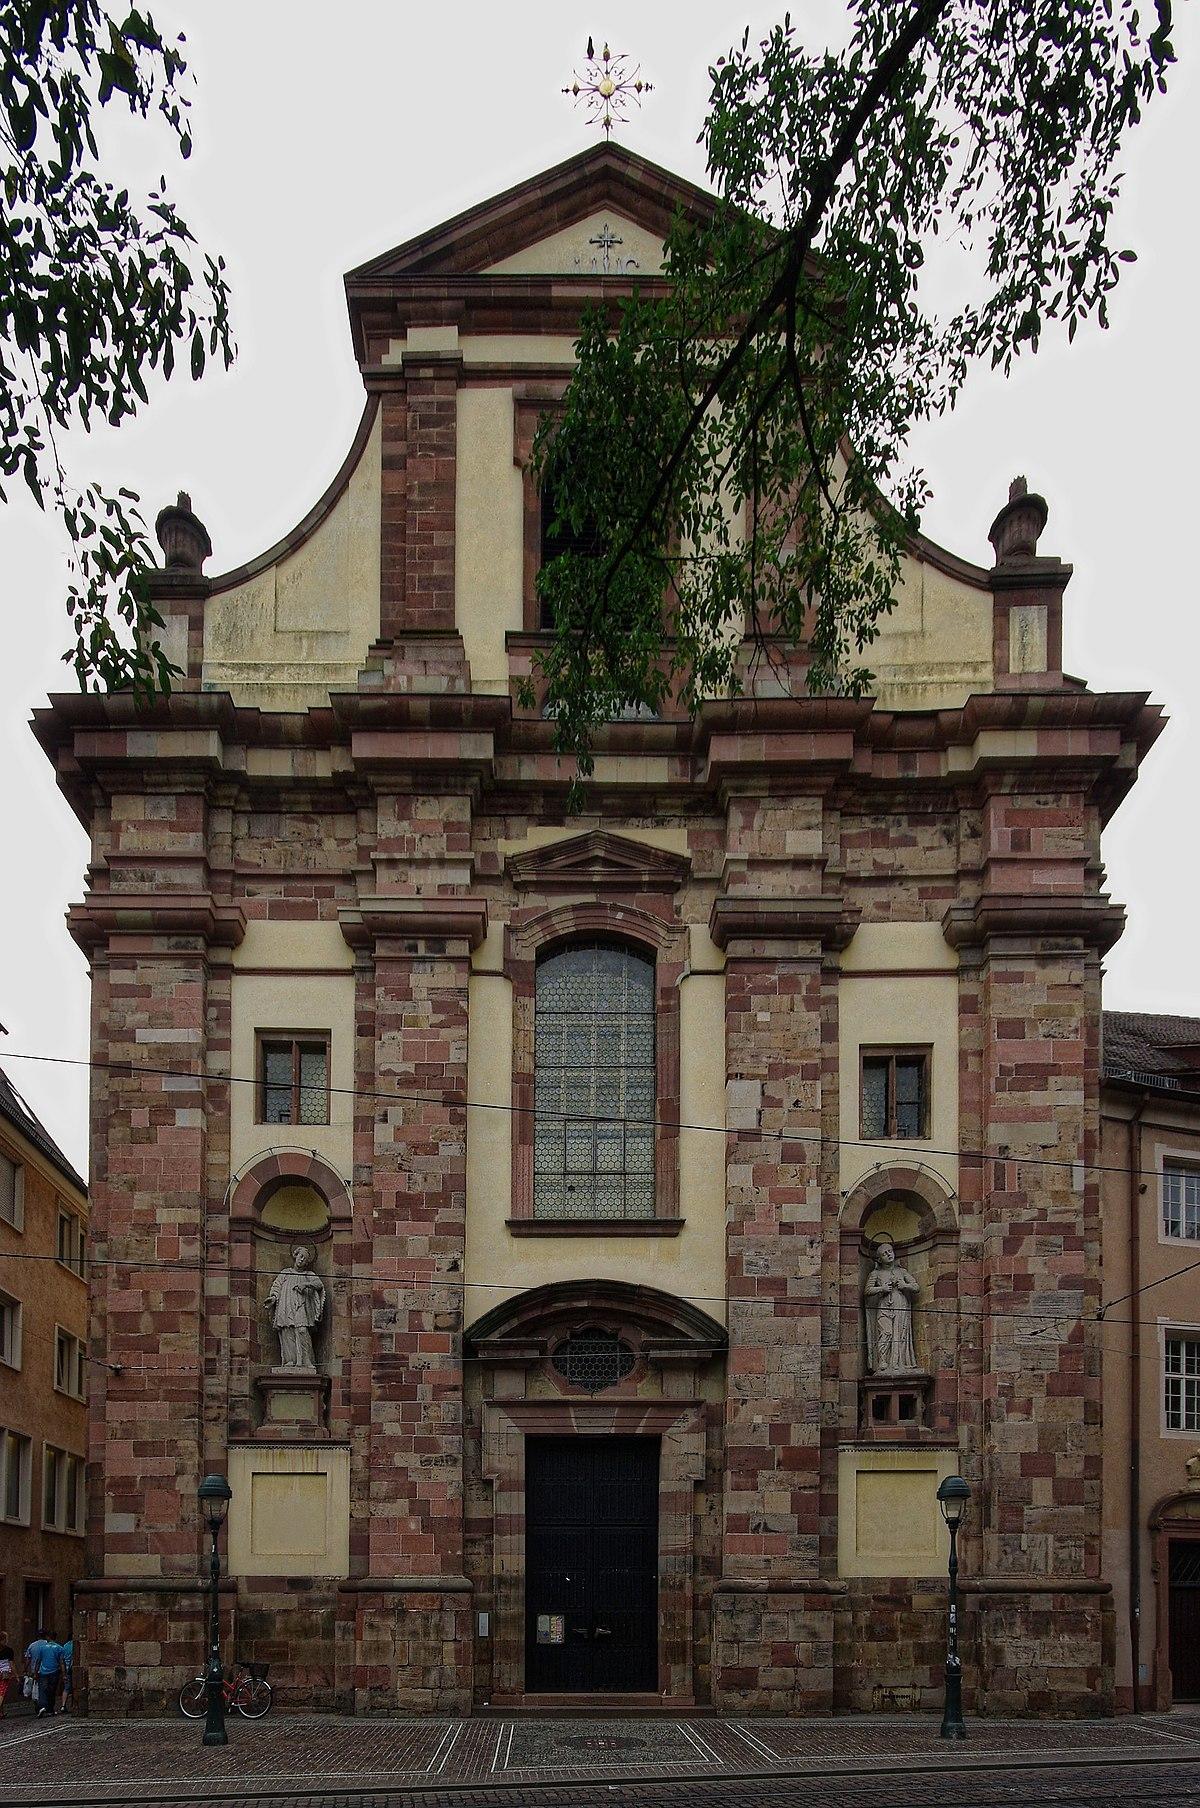 Universit Tskirche Freiburg Im Breisgau Wikipedia